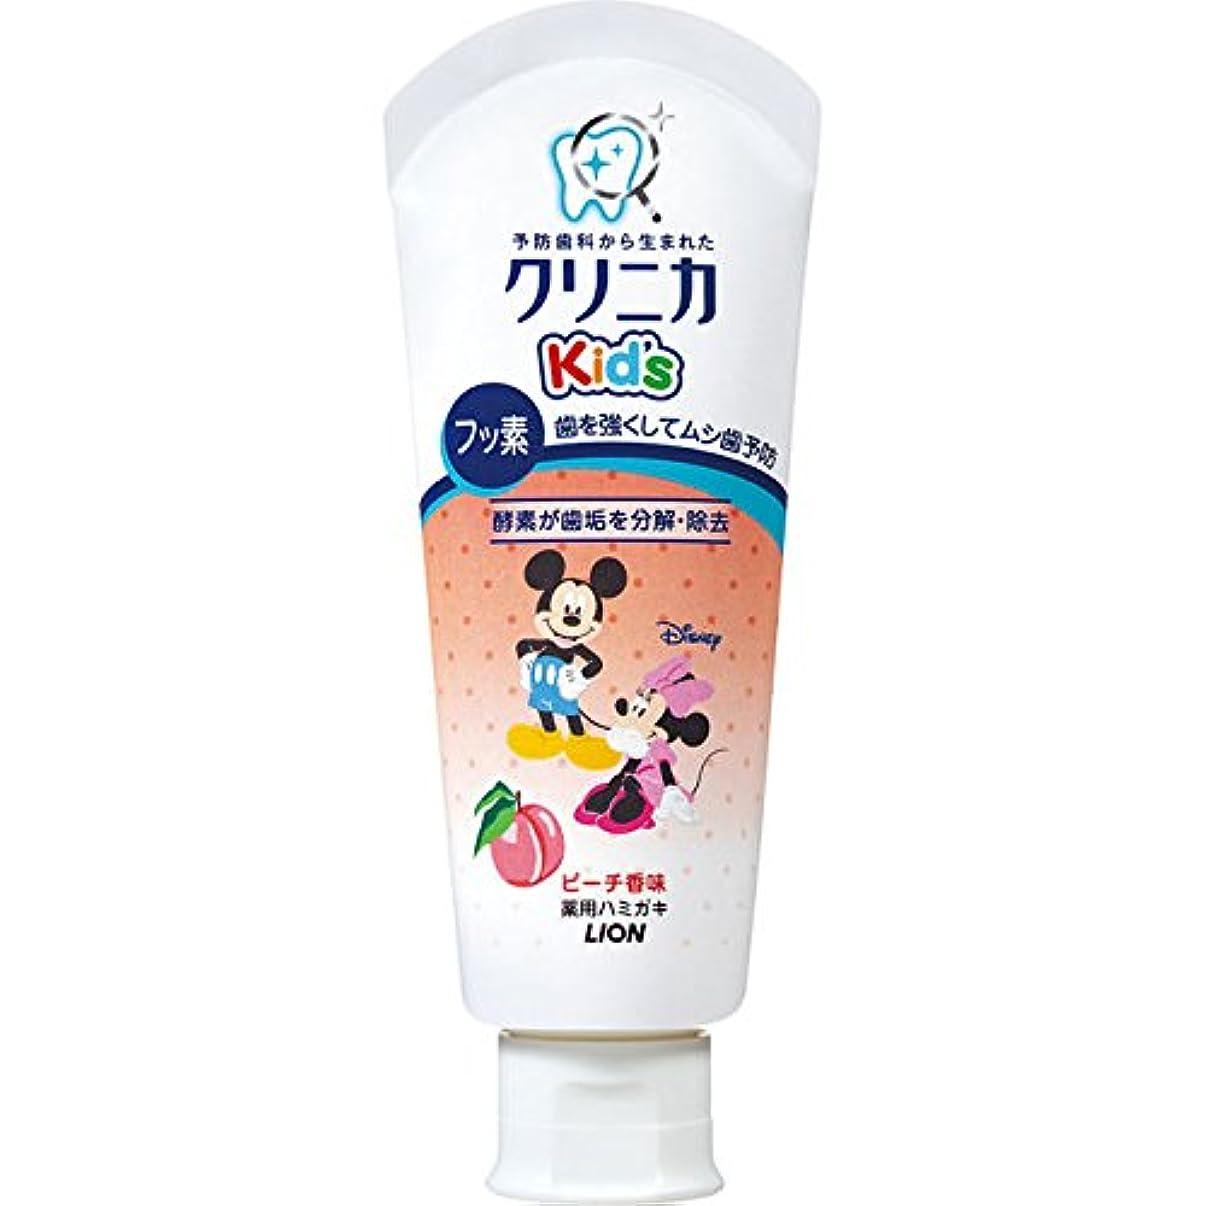 子犬ブーム構成ライオン クリニカ Kid's ハミガキ すっきりピーチ 60g(医薬部外品)